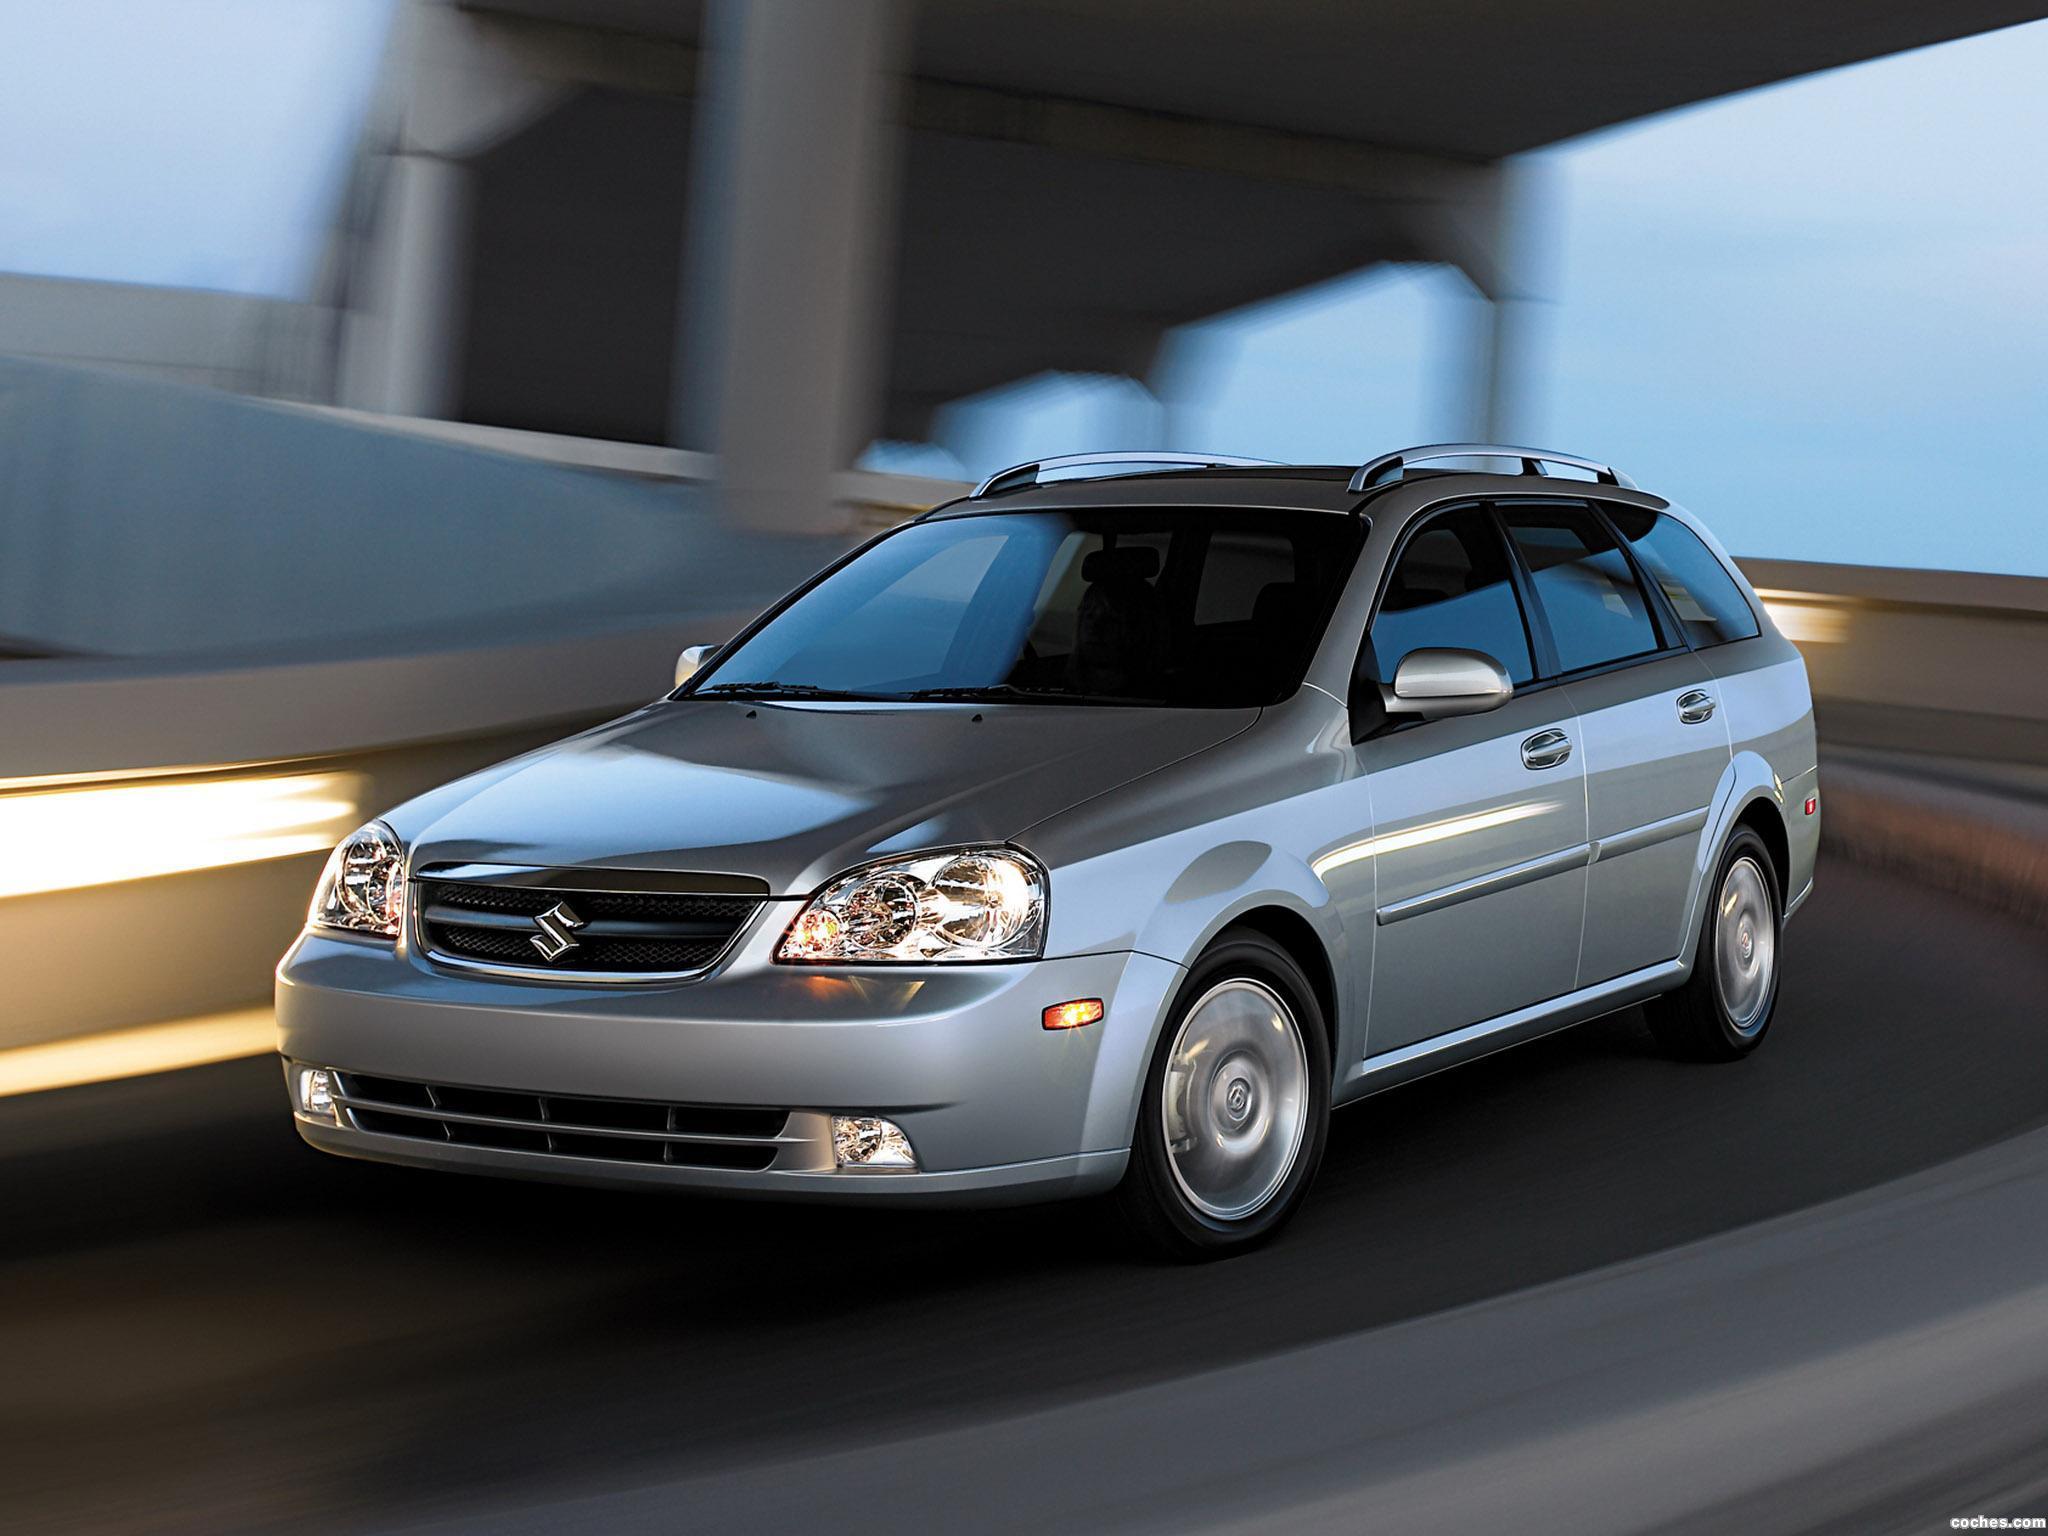 Foto 0 de Suzuki Forenza Wagon 2006